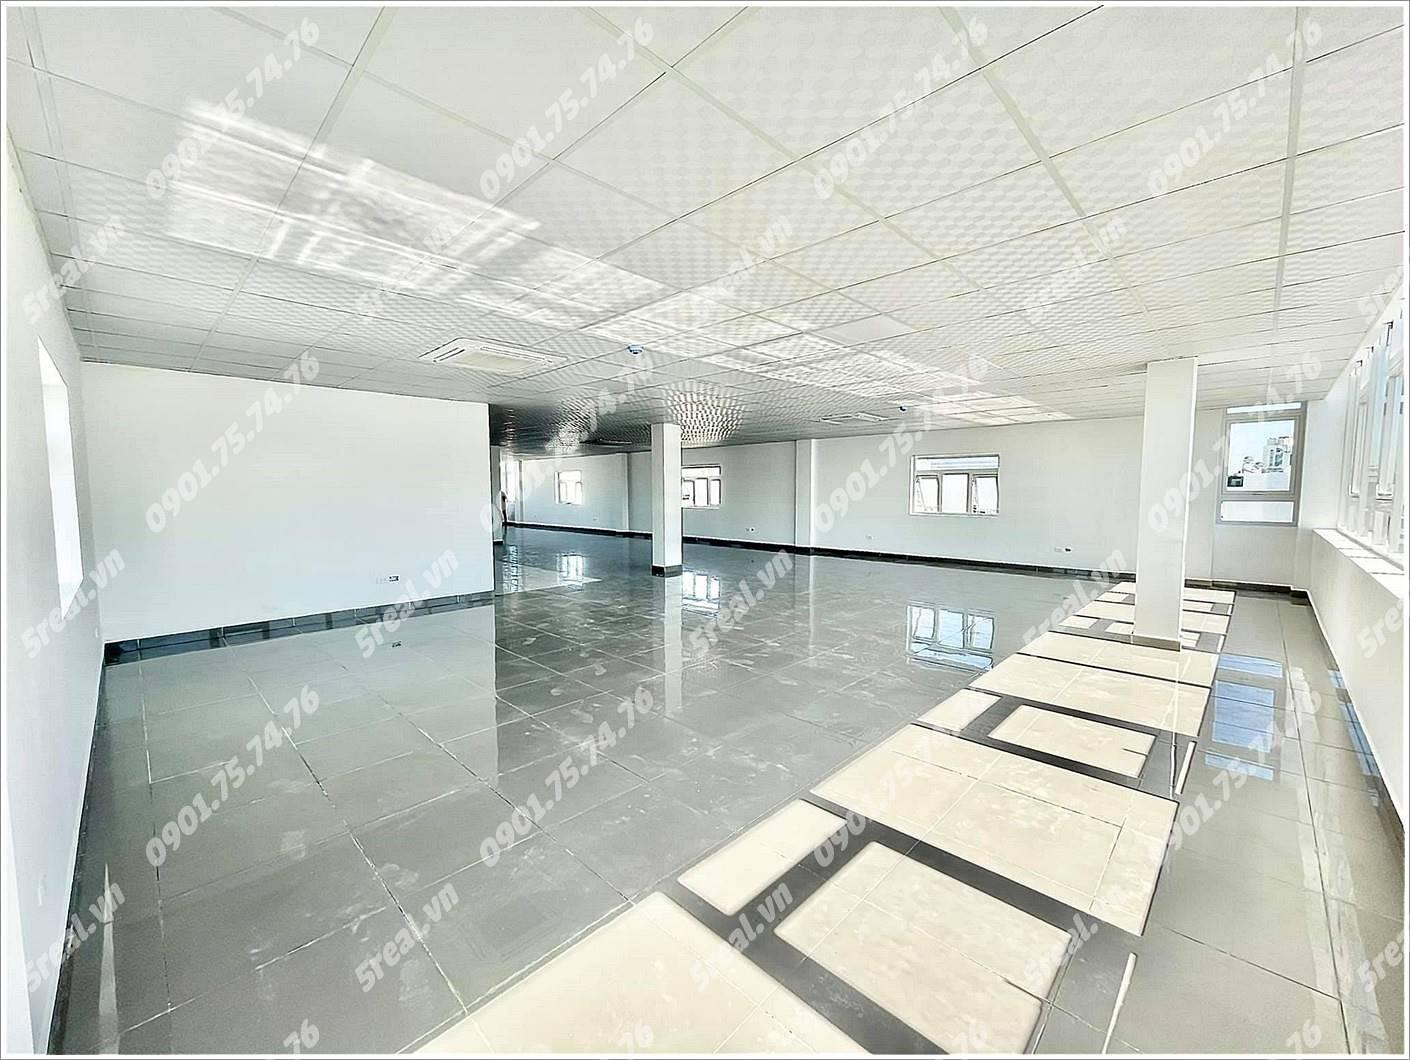 tsa-building-nguyen-dinh-chinh-quan-phu-nhuan-van-phong-cho-thue-tphcm-5real.vn-04